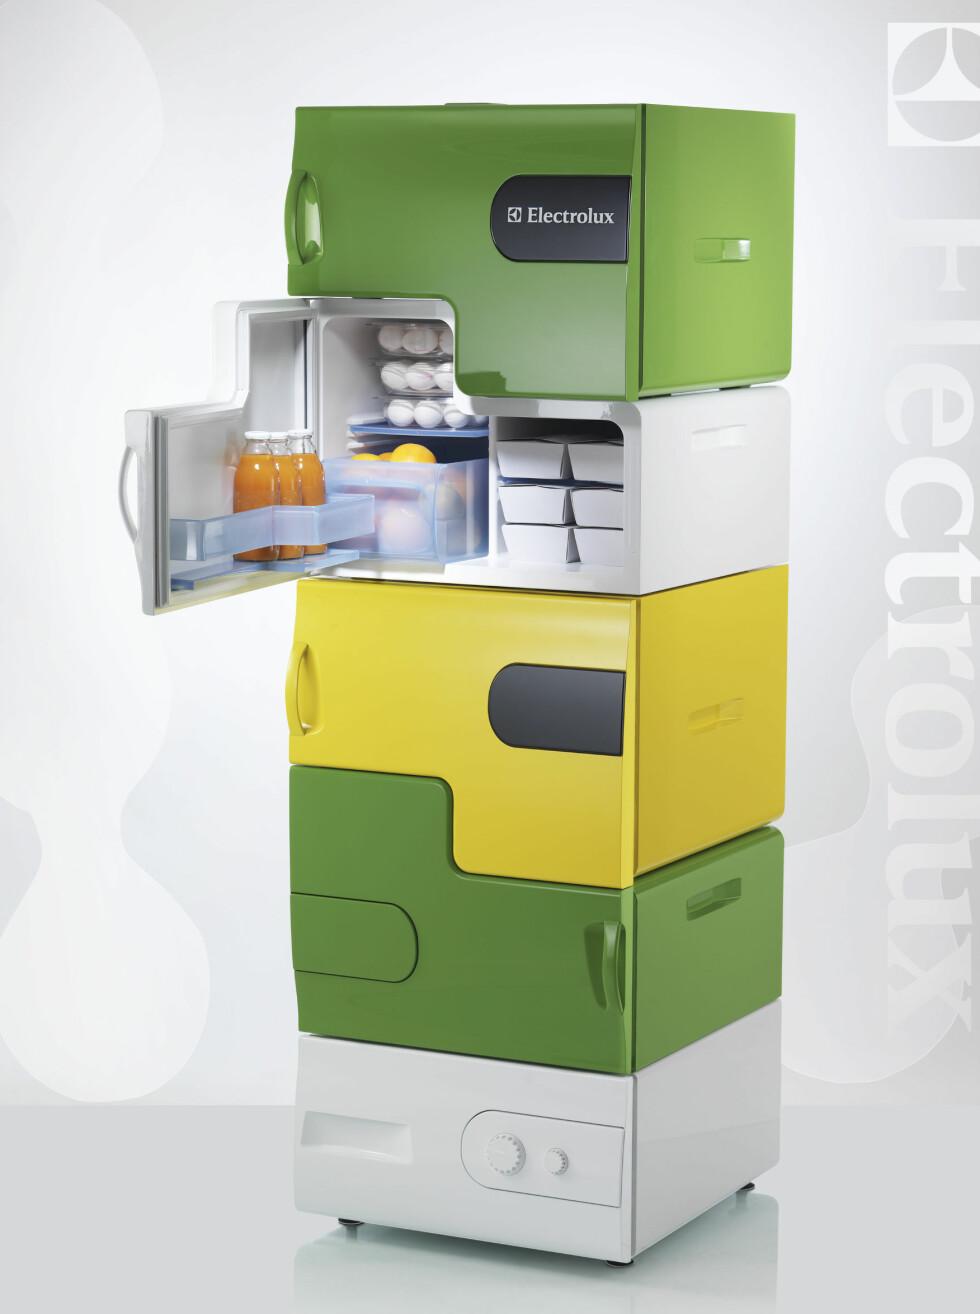 FLATSHARE: Og så var det vinnerbidraget da, Flatshare, kjøleskapet som skal skape husfred i bokollektivene. De små kjøleboksene settes på hverandre som legoklosser. Den nederste boksen binder alle boksene sammen, og fungerer også som et fryseskap. Nå gjenstår det bare å se om Electrolux, som sitter med patentet, ønsker å sette denne i produksjon. Designet av Stefan Buchberger (Østerrike) Foto: Electrolux